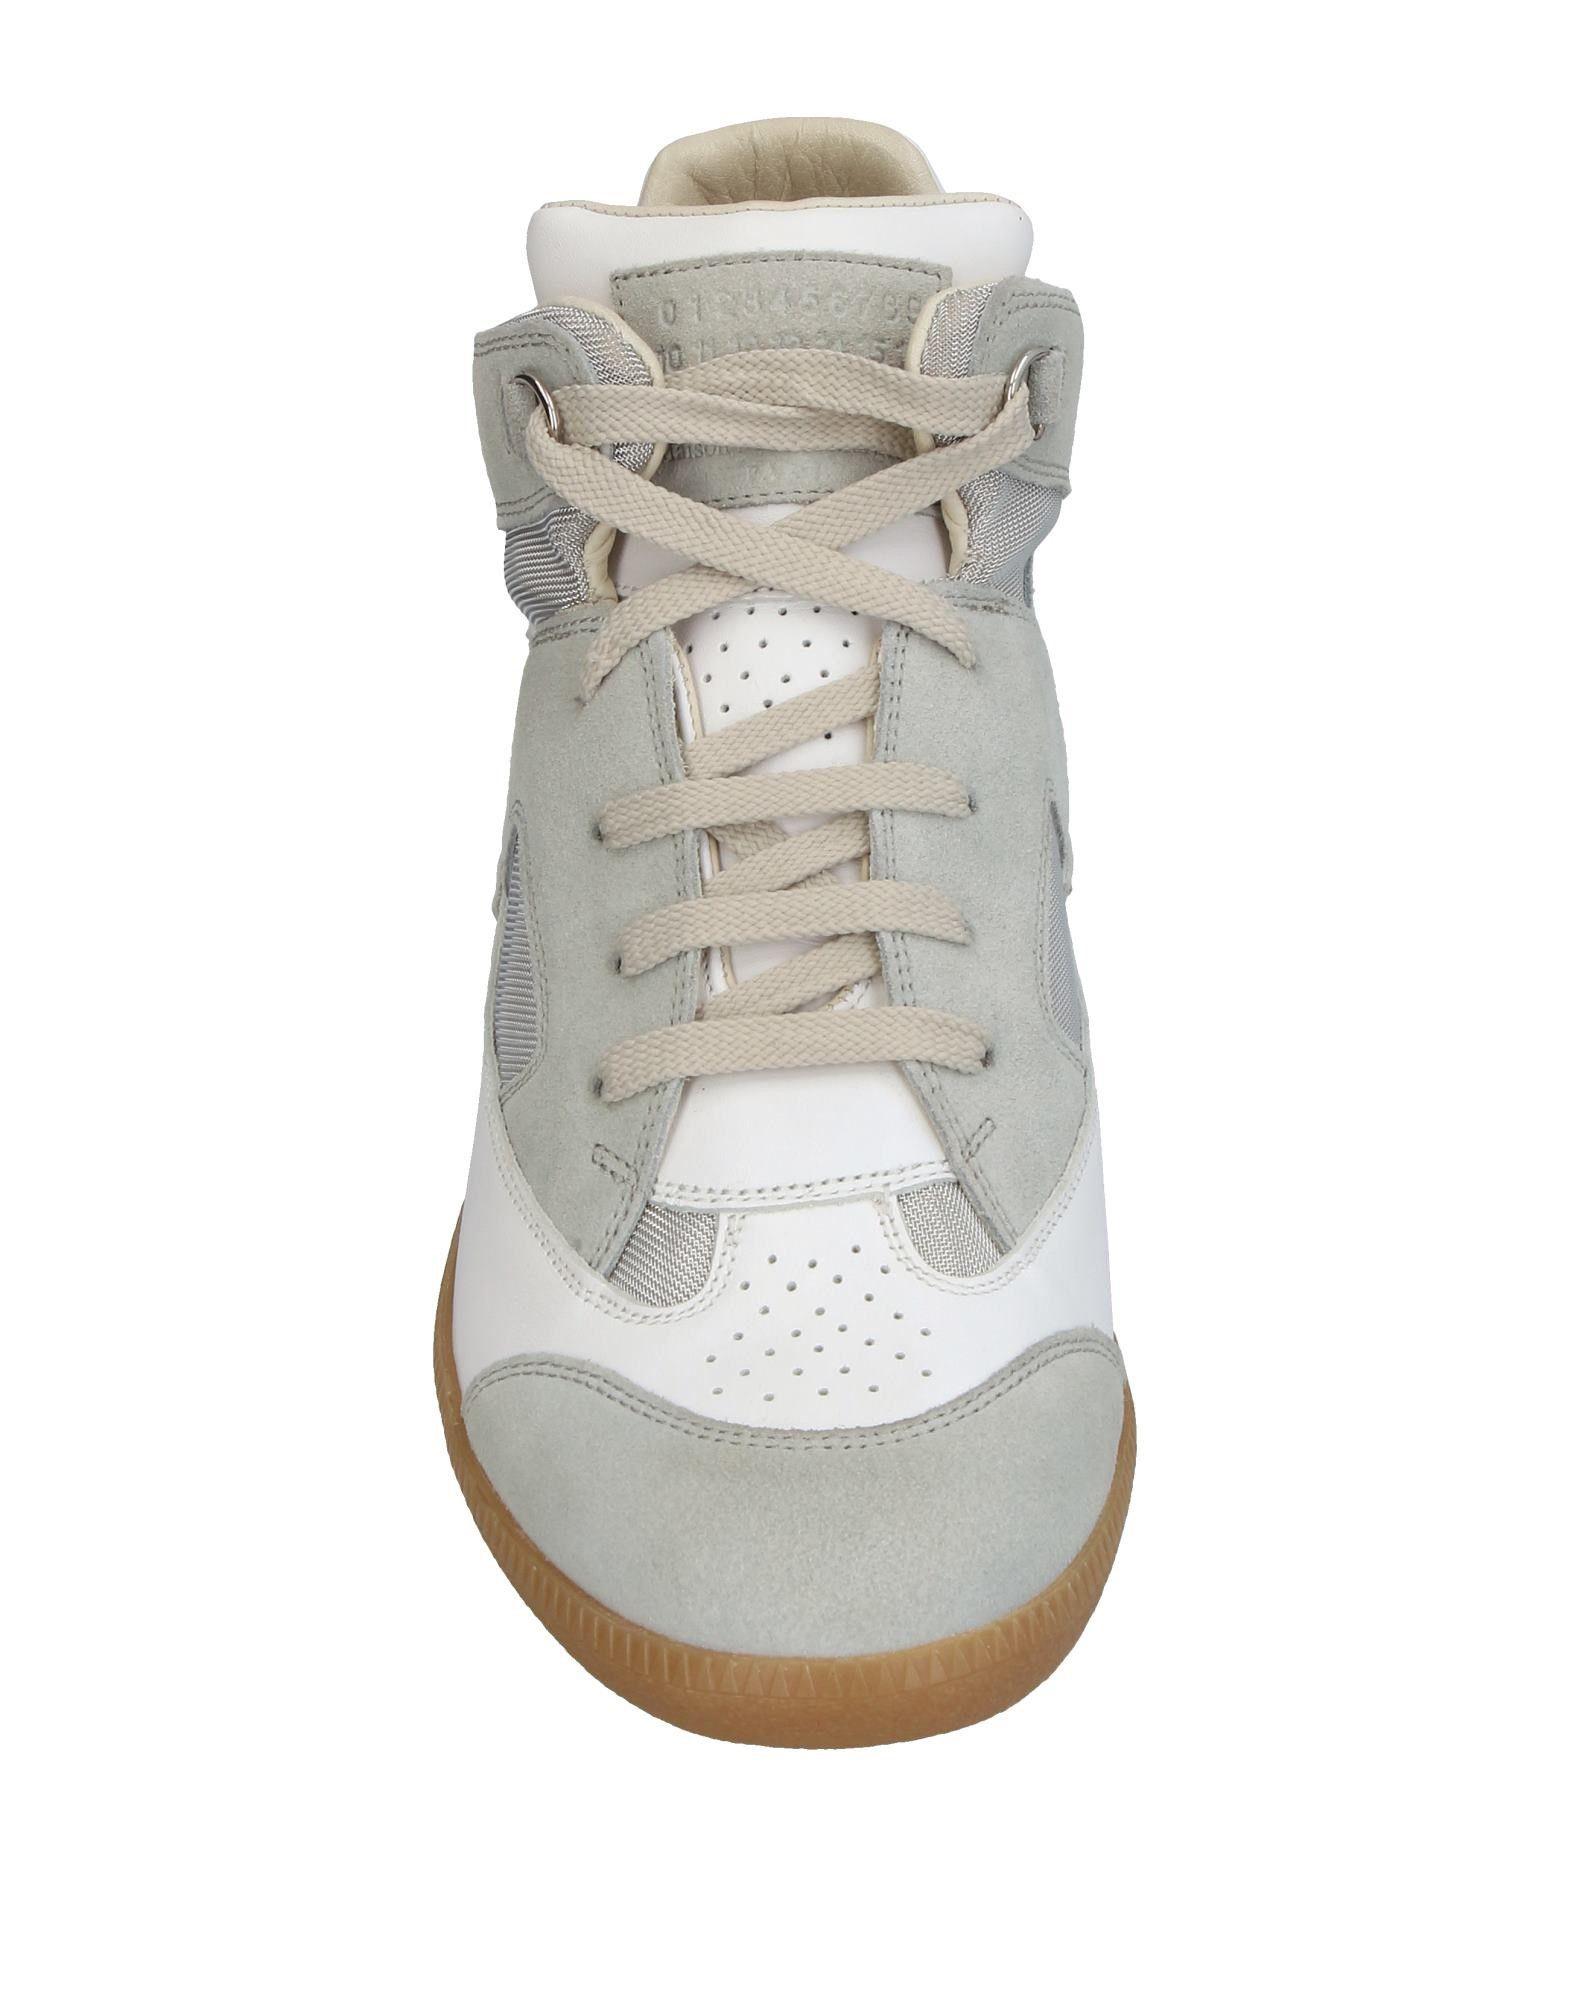 Maison Margiela Sneakers Herren  11385087BS Gute Qualität beliebte Schuhe Schuhe beliebte a210dd